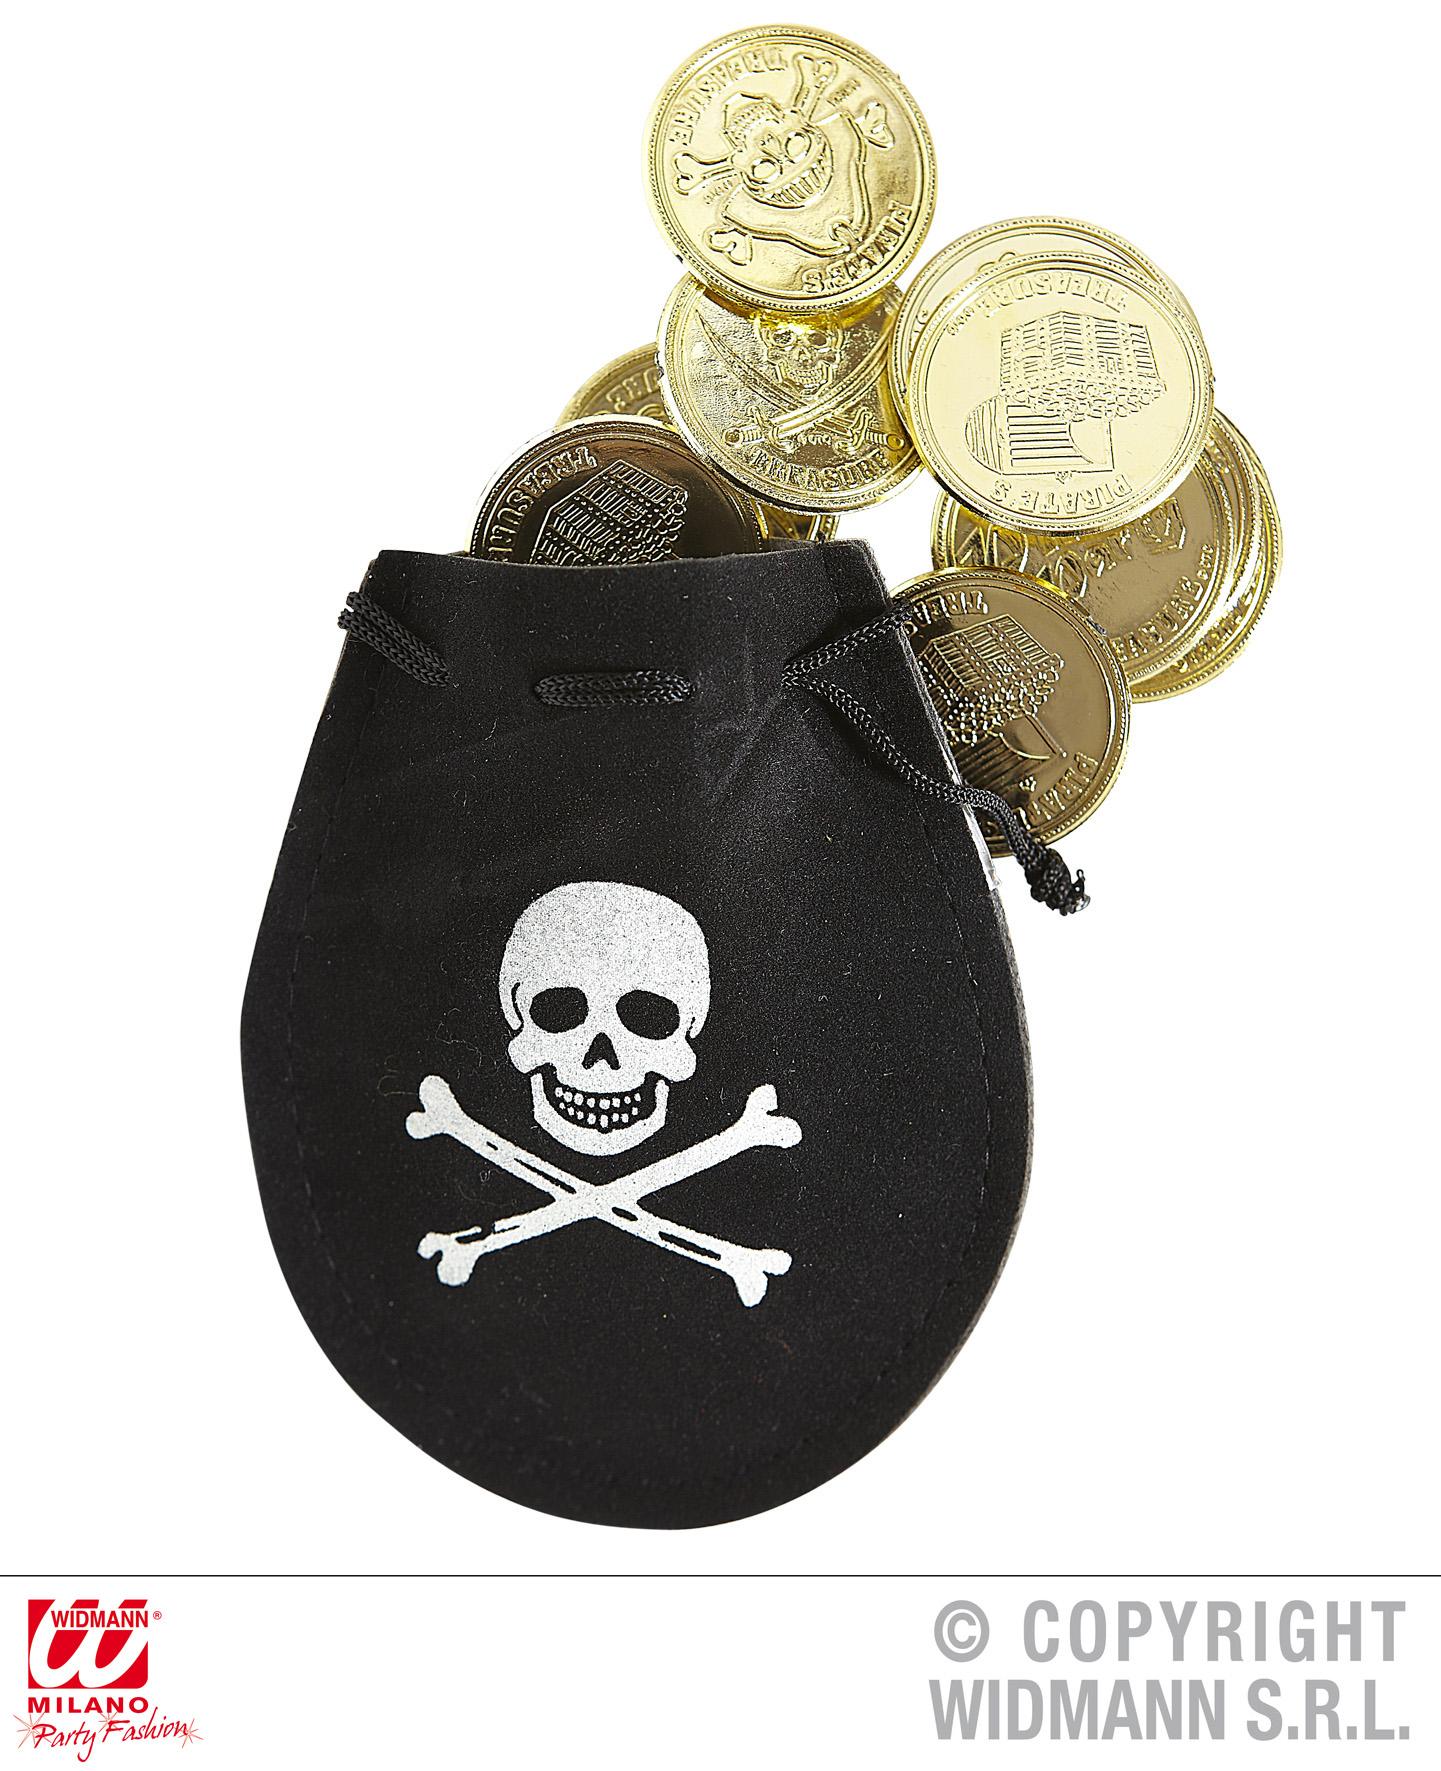 12x Piratengold, Geld, Dukaten, Münzen im schwarzen Säckchen